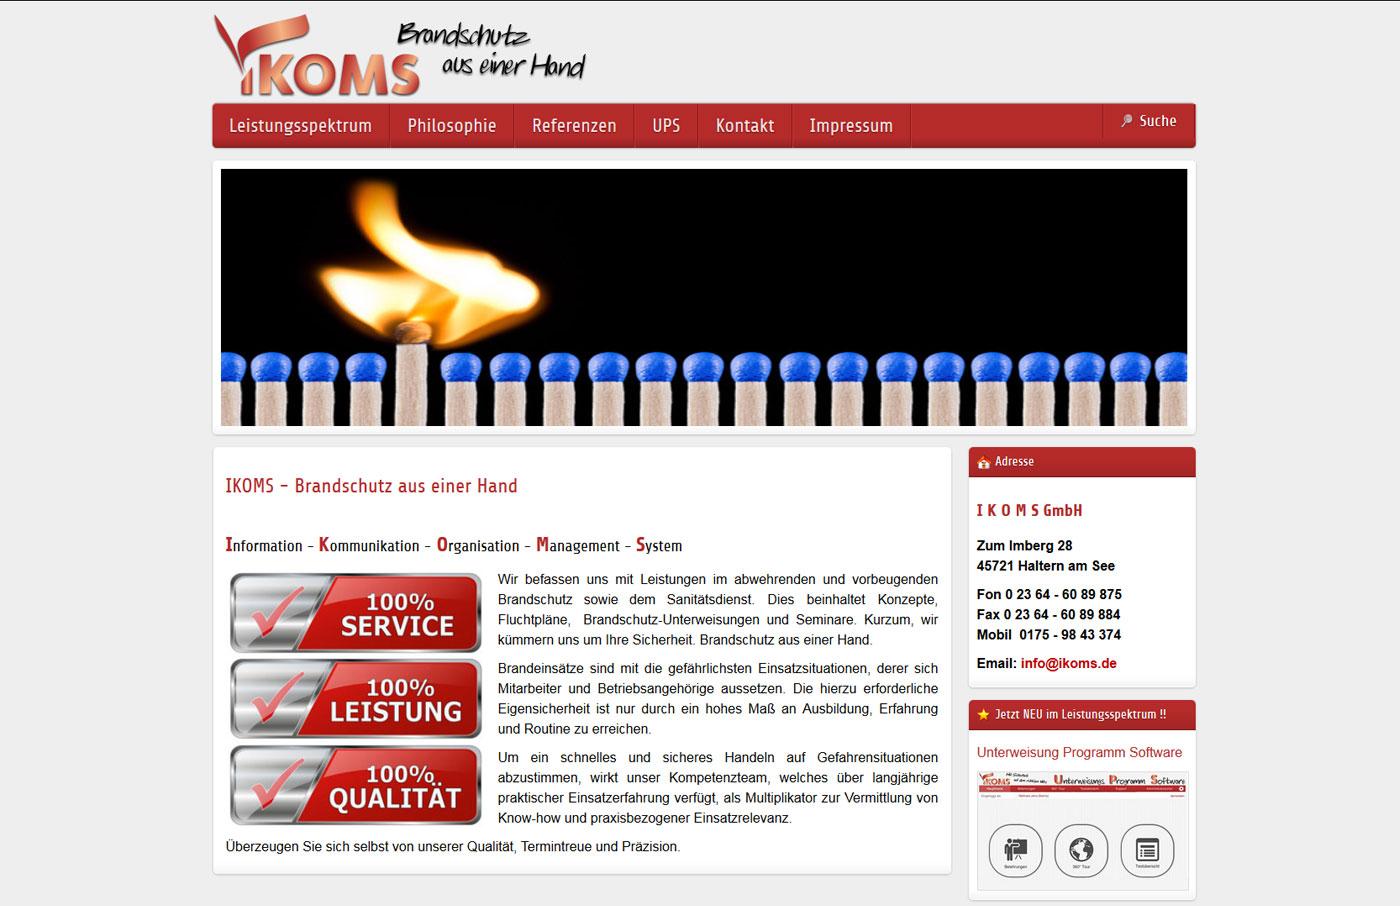 webseite-ikoms-brandschutz.jpg